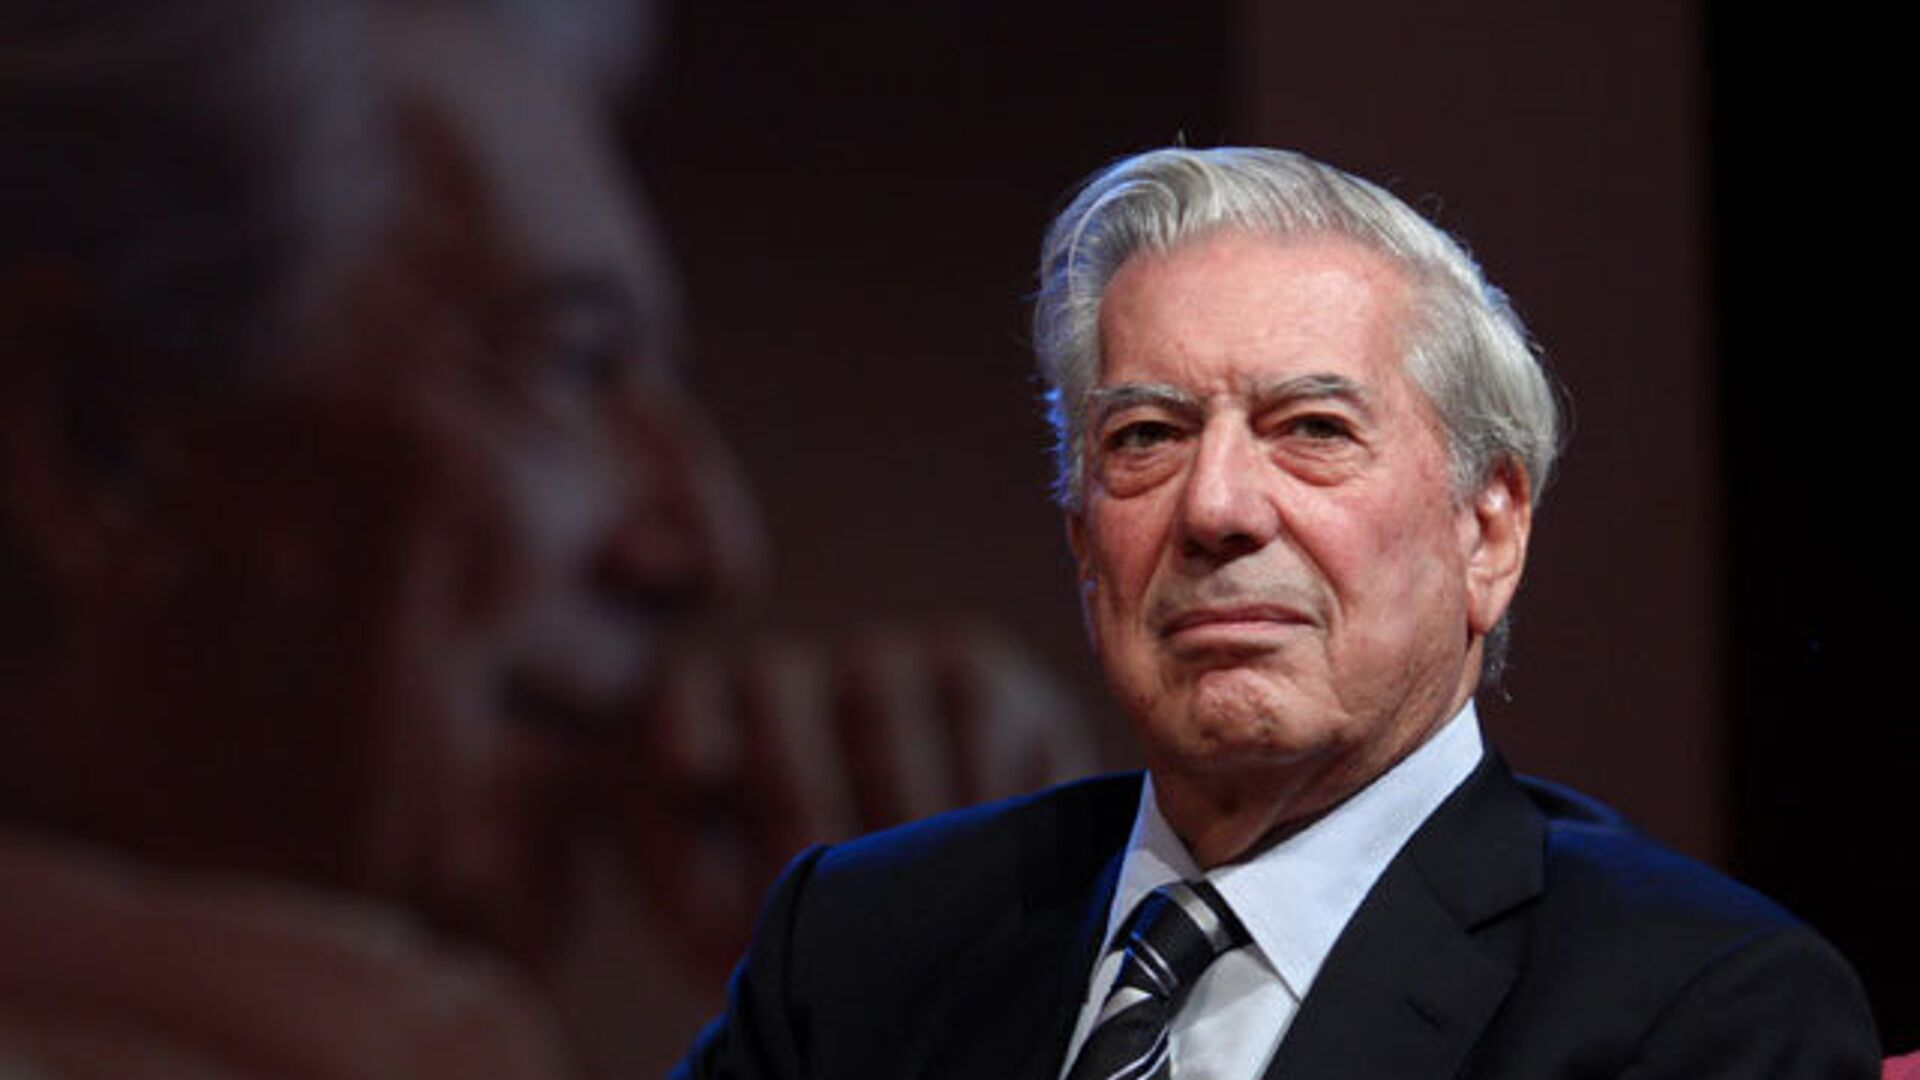 Mario Vargas Llosa durante una rueda de prensa en el Instituto Cervantes de Nueva York - Sputnik Mundo, 1920, 28.09.2021